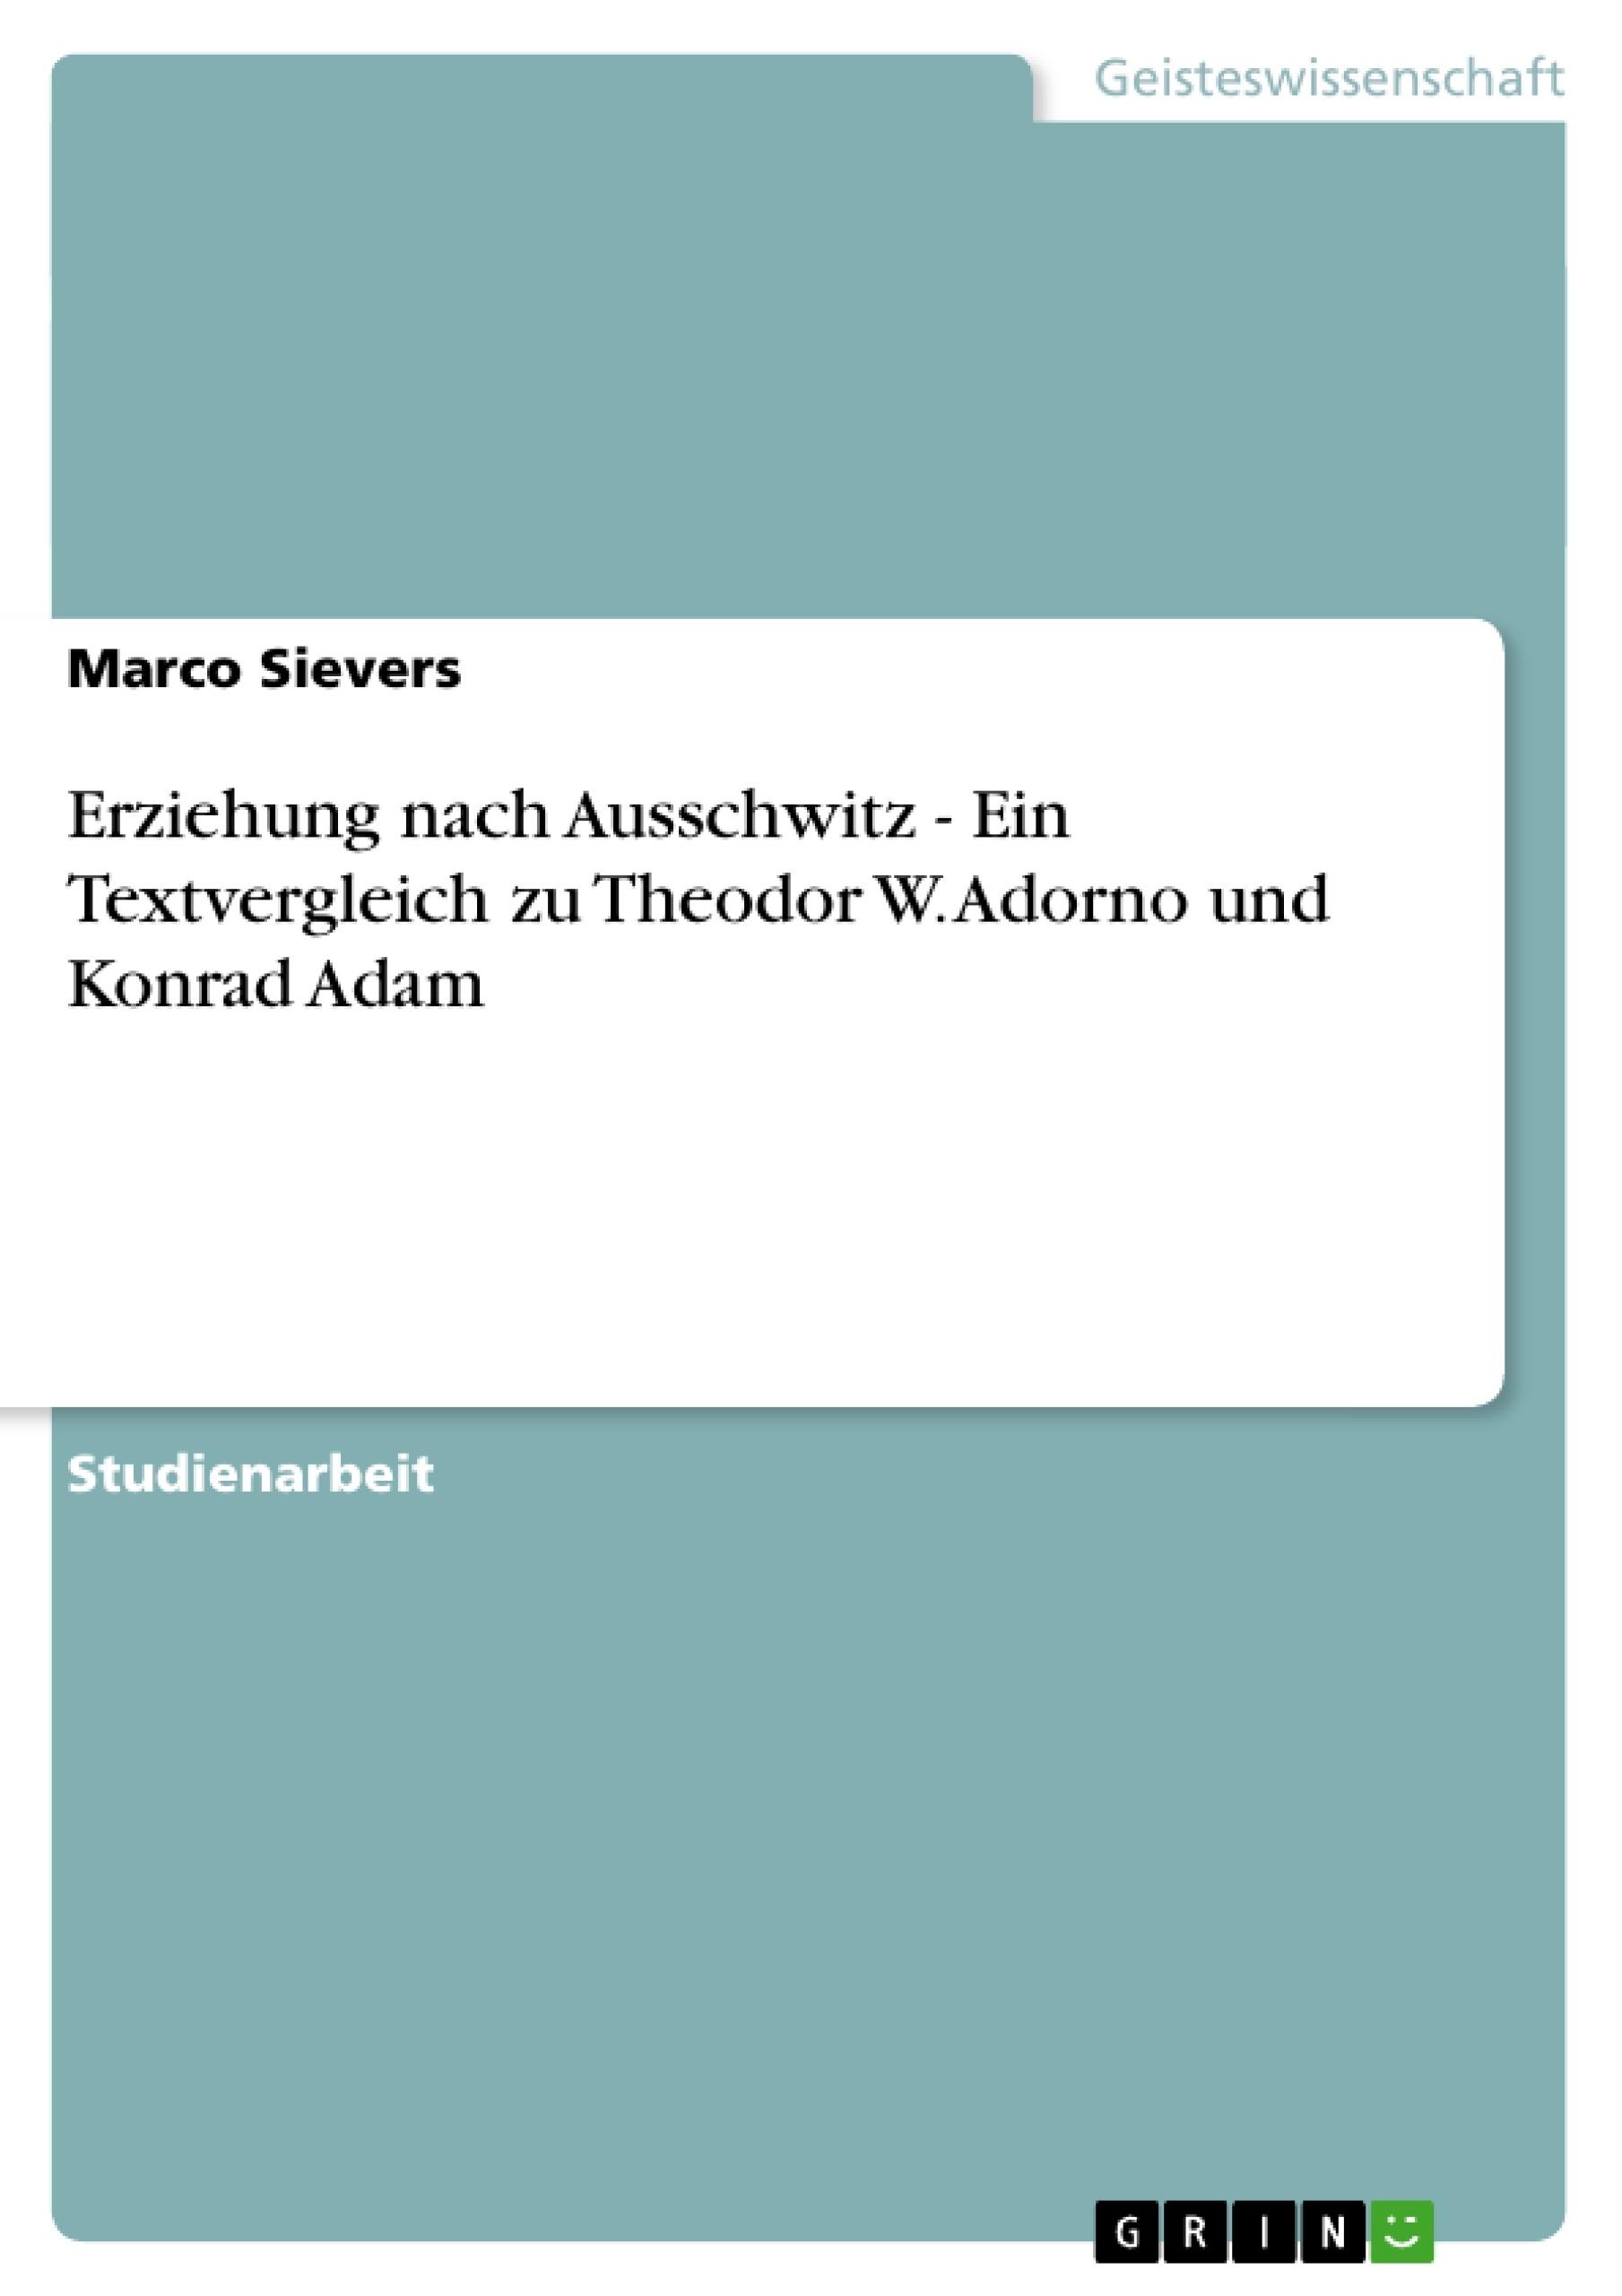 Titel: Erziehung nach Ausschwitz - Ein Textvergleich zu Theodor W. Adorno und Konrad Adam